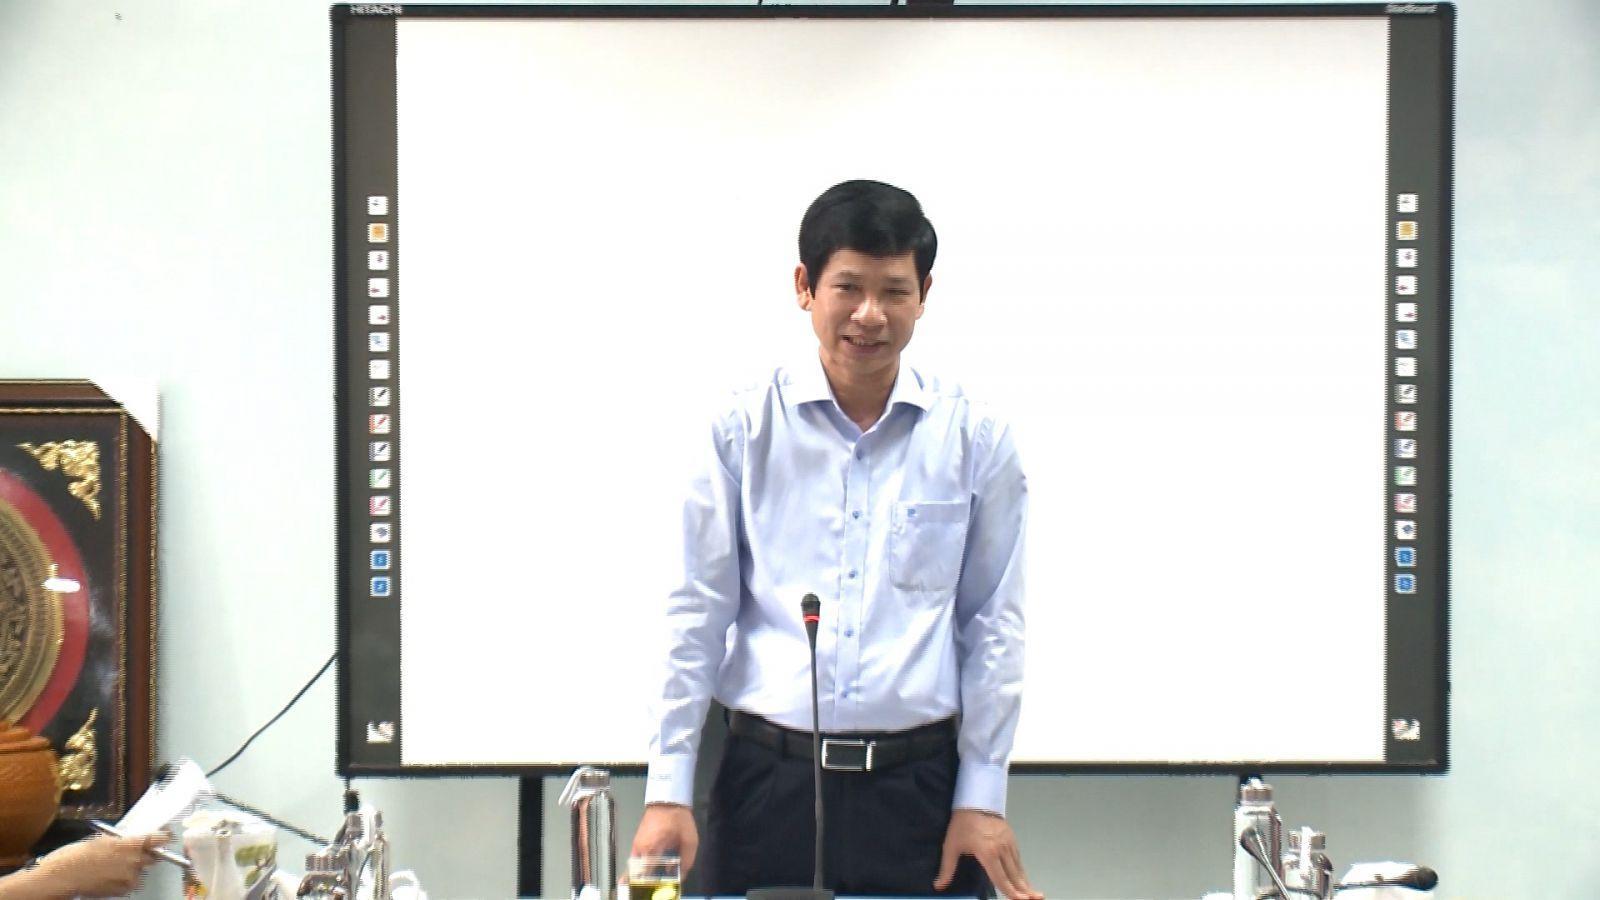 Đồng chí Hồ An Phong làm việc với Trường THPT Chuyên Võ Nguyên Giáp